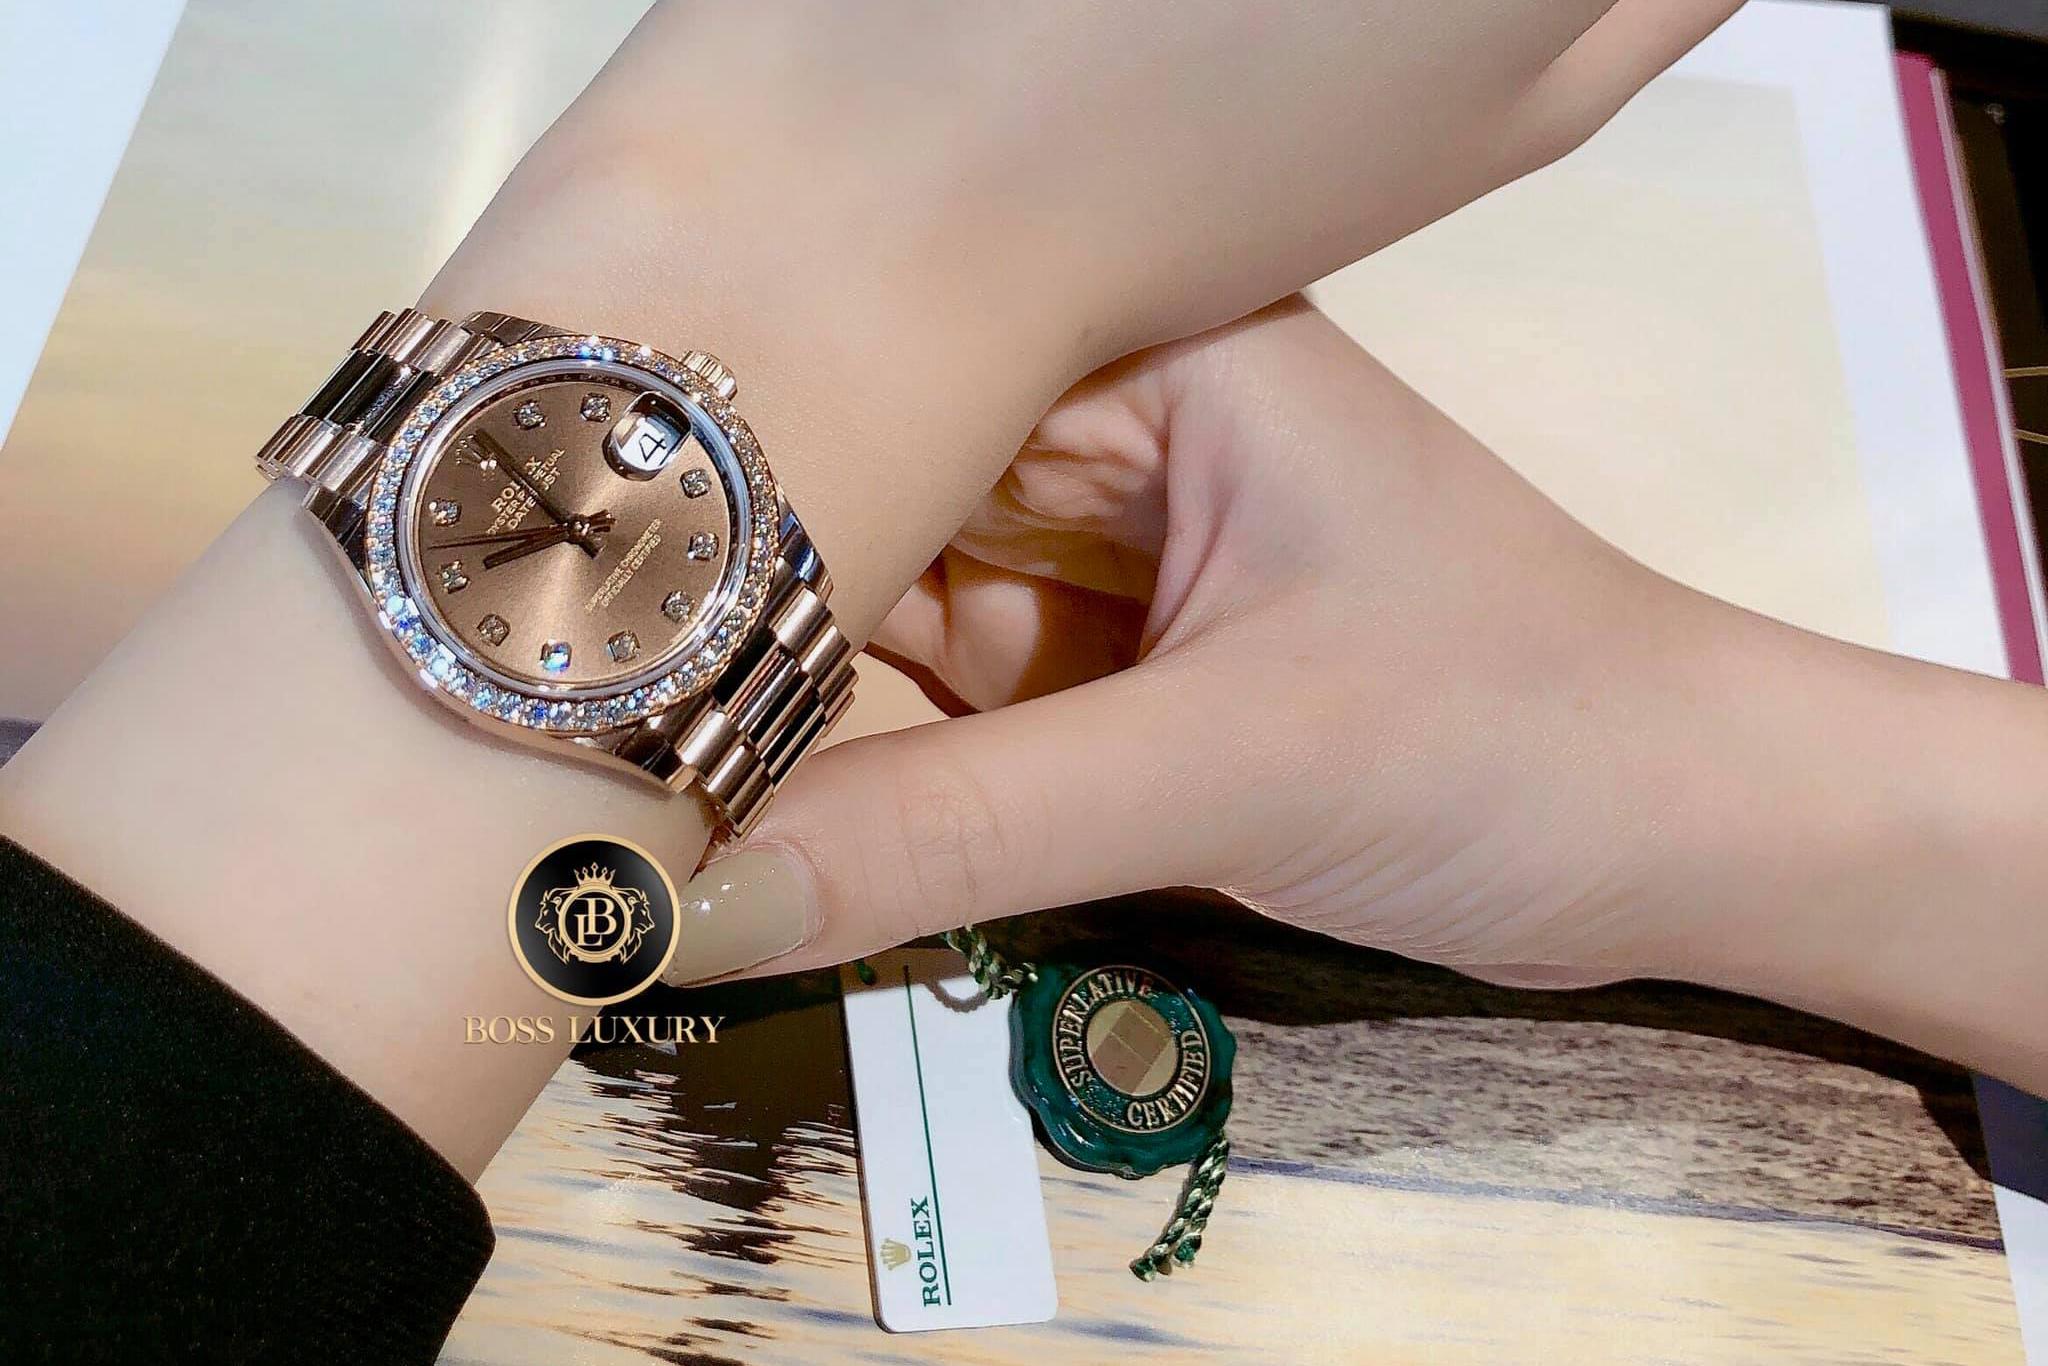 5 mẫu đồng hồ Rolex nổi bật nhất dành cho phái đẹp